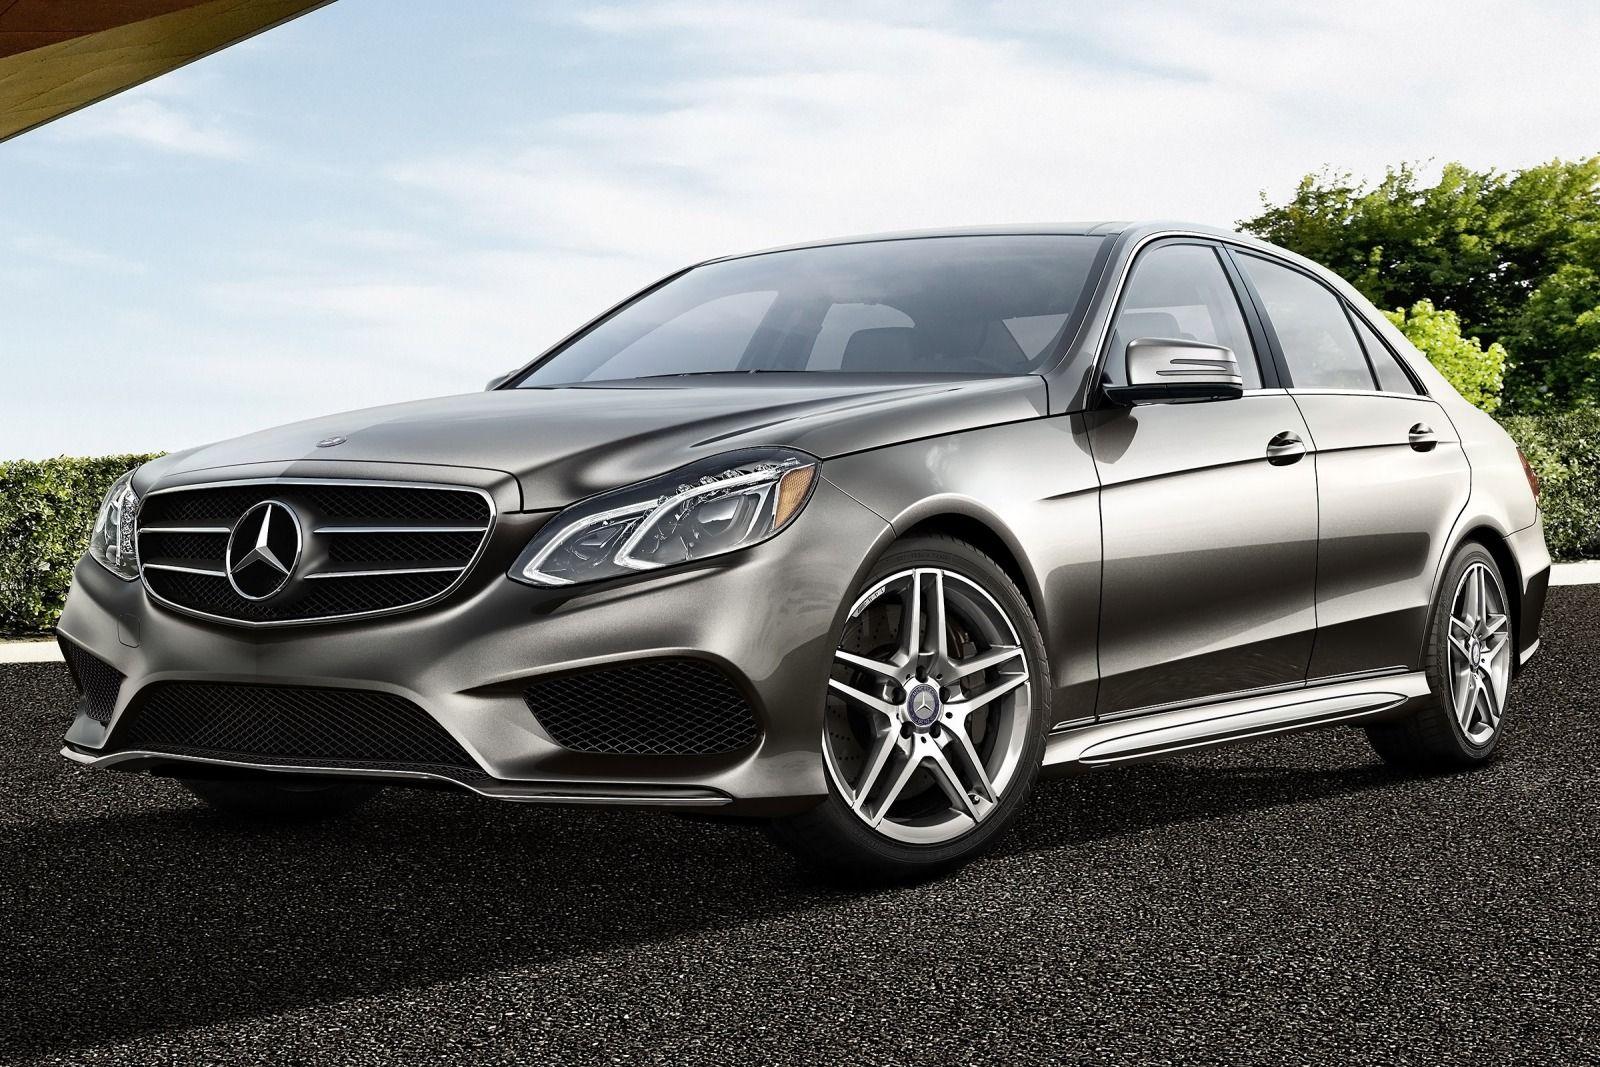 2015 Mercedes Benz E400 Widescreen HD Wallpapers 14593 1600x1067